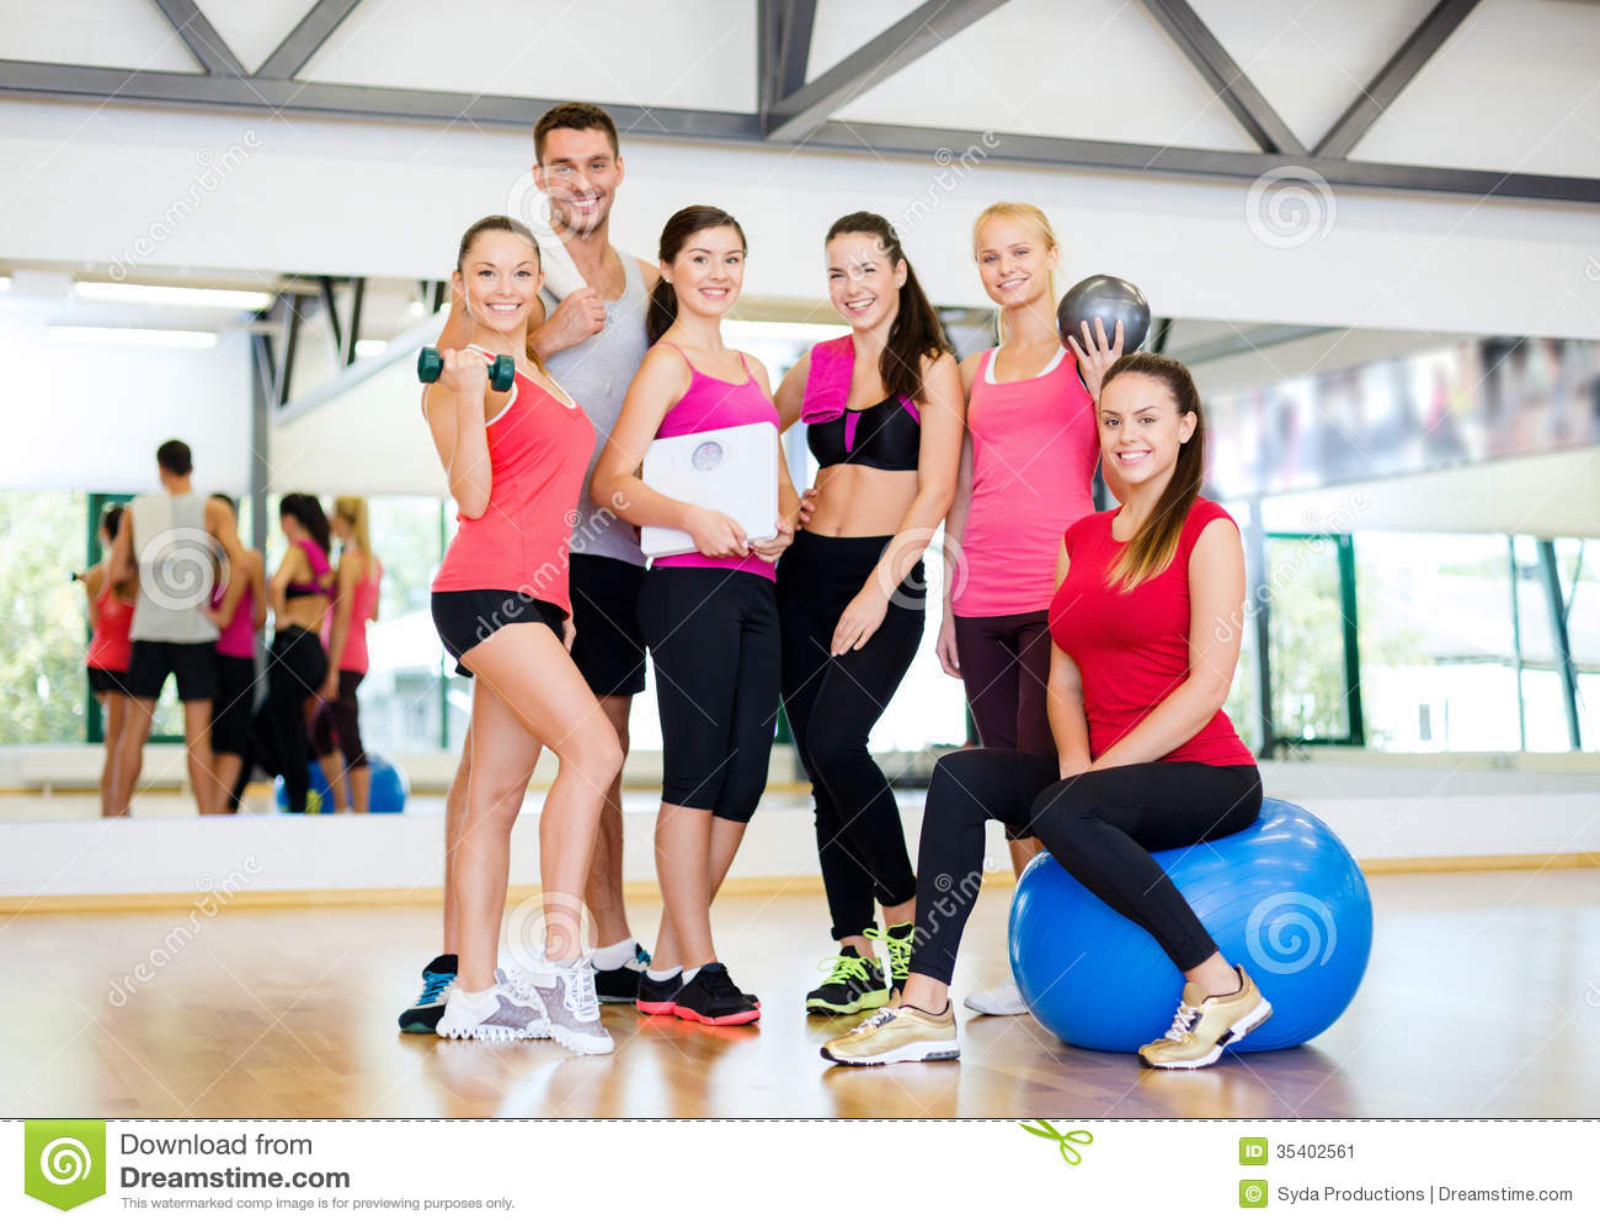 Grupo de gente sonriente en el gimnasio imagen de archivo for Gimnasio el gym